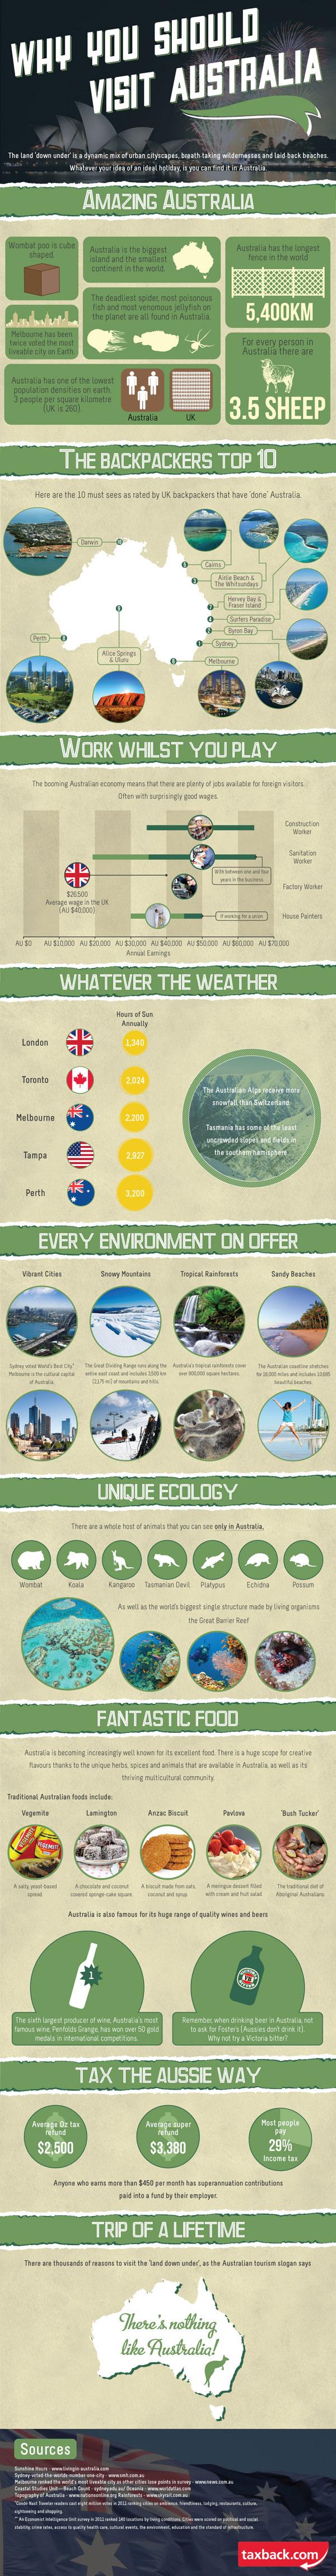 Pourquoi vous devriez visiter l'Australie ?